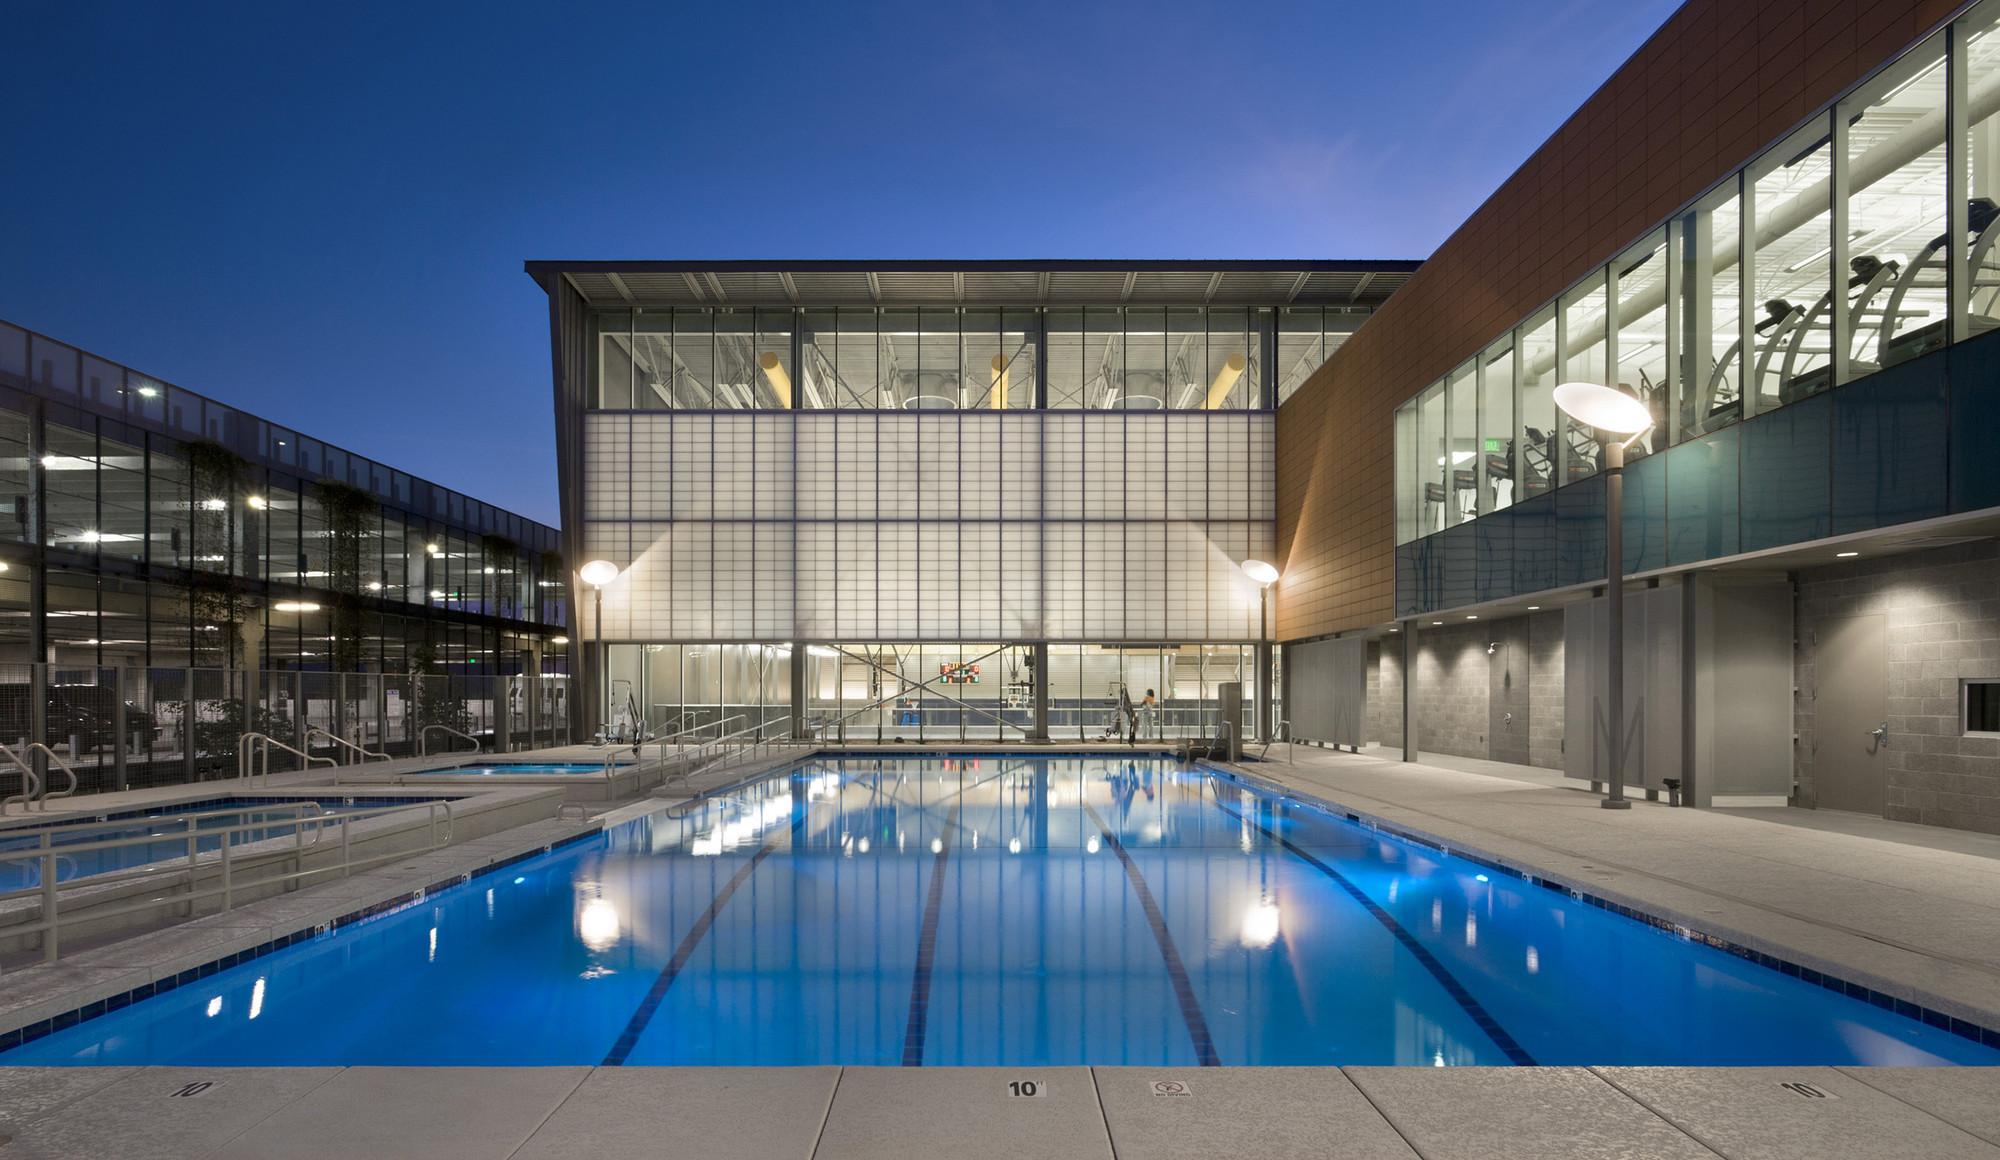 Дизайн спортивного комплекса: бассейн